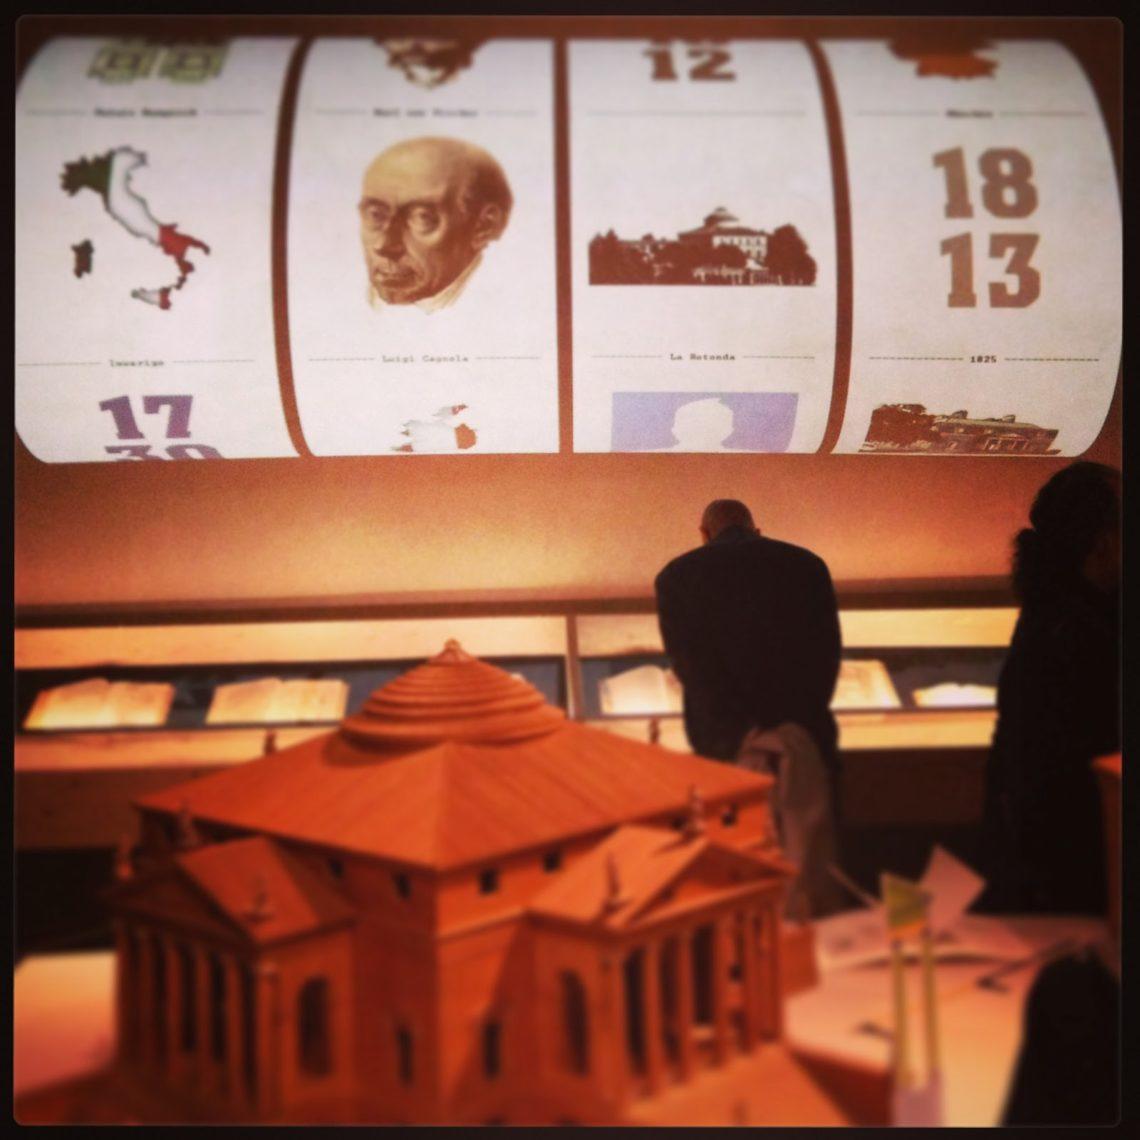 La slot-machine al Palazzo Barbaran